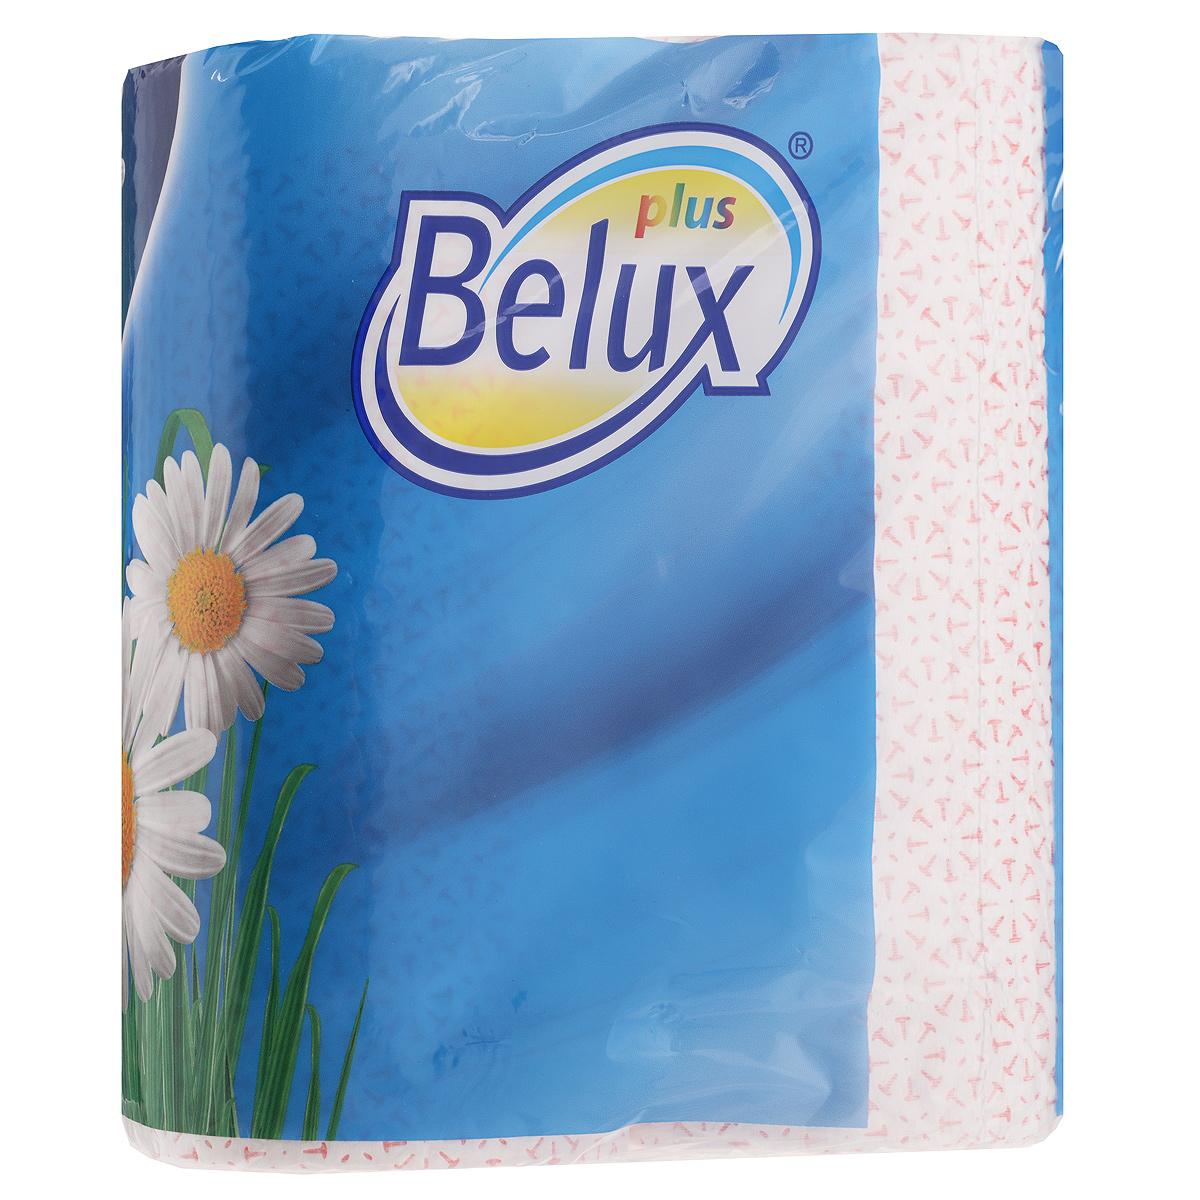 Полотенца кухонные бумажные Belux, двухслойные, цвет: белый, розовый, 2 рулона36298Кухонные бумажные полотенца Belux прекрасно подойдут для использования на кухне. В комплекте - 2 рулона двухслойных полотенец с тиснением. Полотенца мягкие, но в тоже время прочные, с отрывом по линии перфорации. Особенности полотенец: - не оставляют разводов на гладких и стеклянных поверхностях, - идеально впитывают влагу, - отлично впитывают жир, - подходят для ухода за домашними животными, бытовой техникой, автомобилем. Товар сертифицирован.